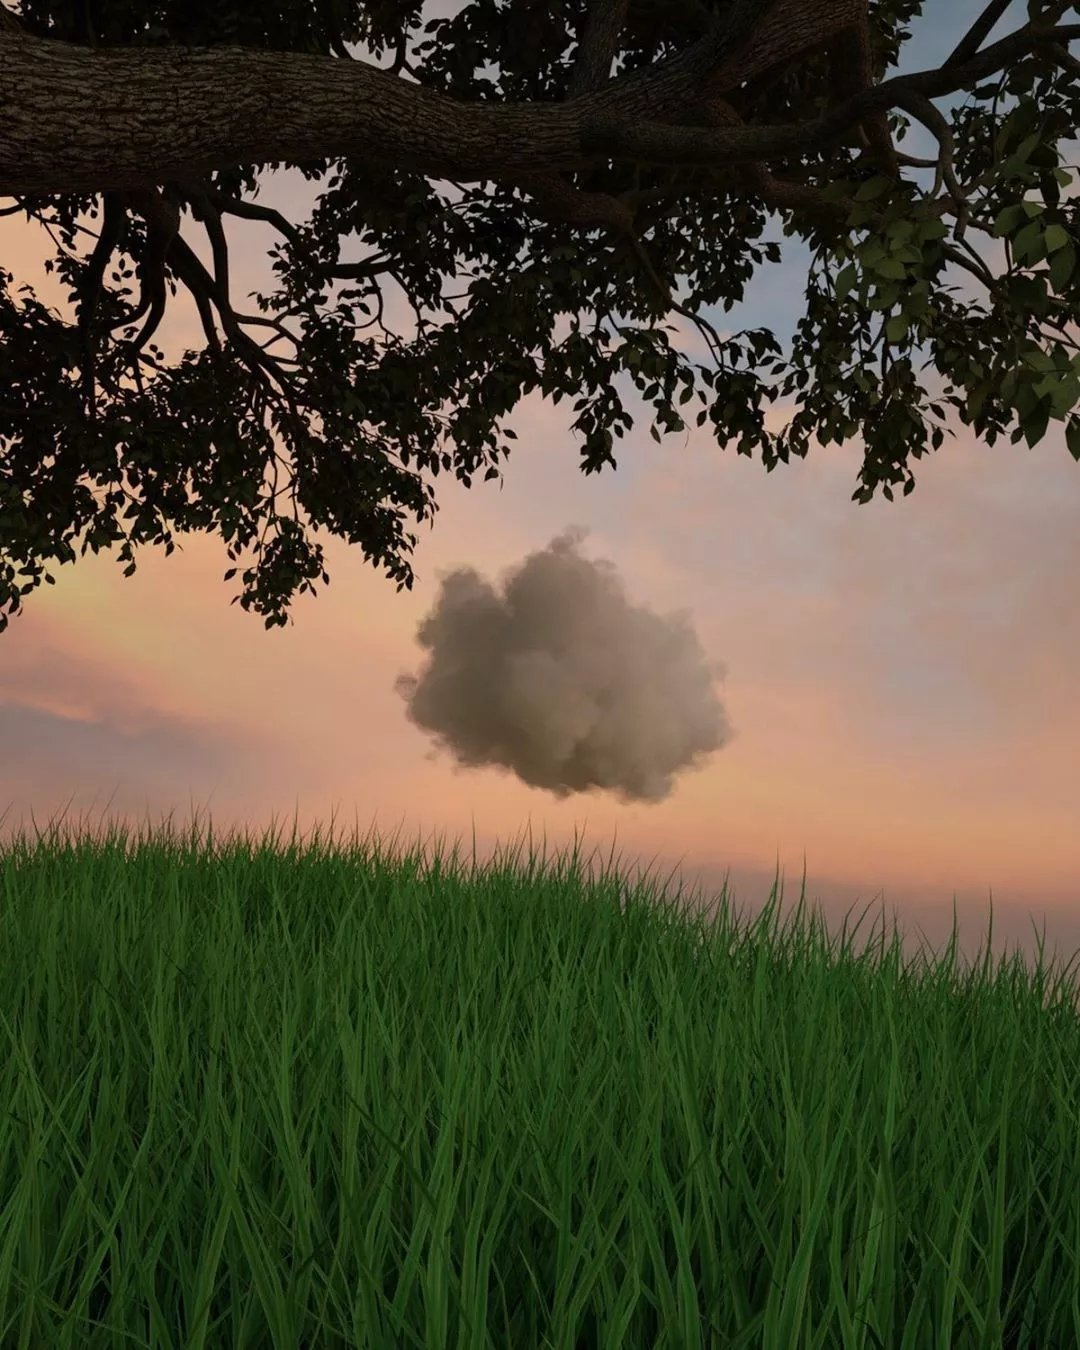 如果云知道 | 来自印度尼西亚雅加达的摄影师Fikri Amanda Abubakar